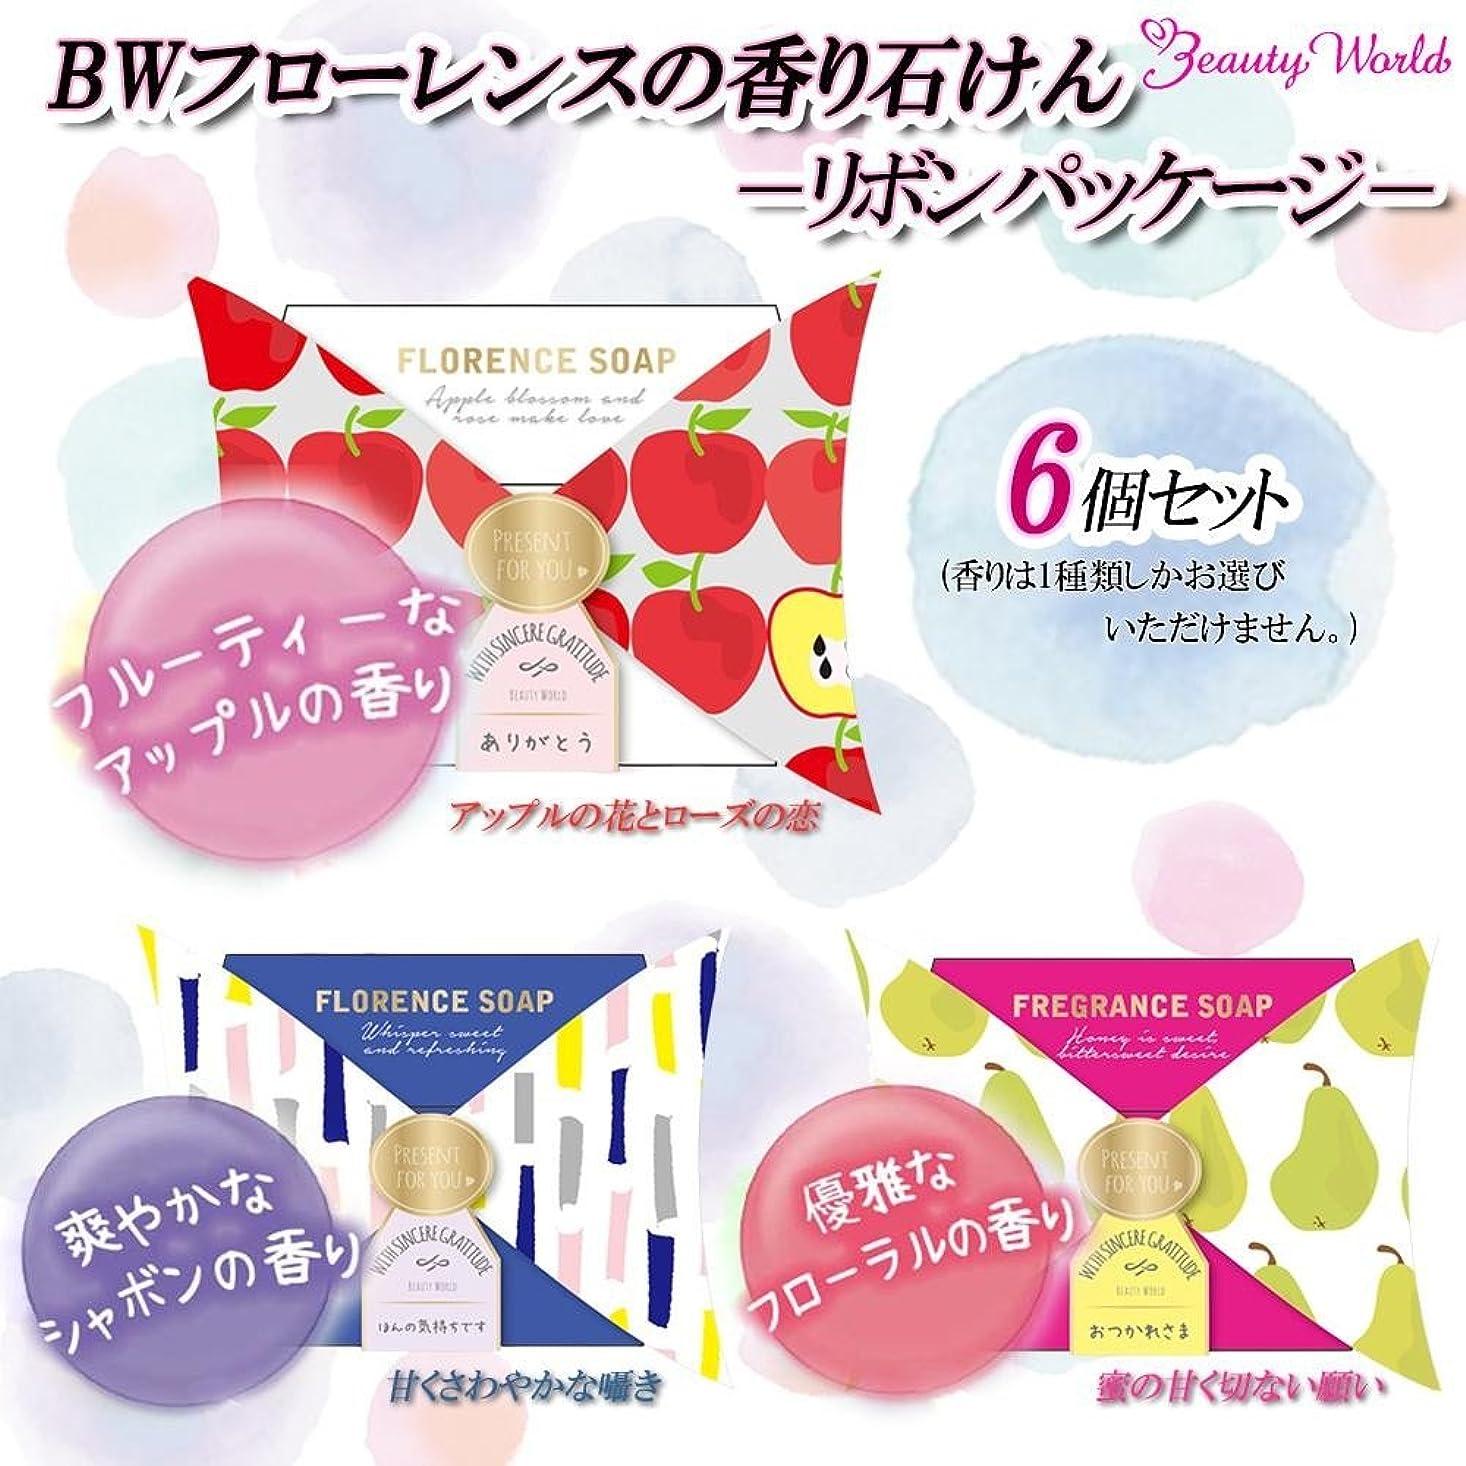 カバー変化する小数ビューティーワールド BWフローレンスの香り石けん リボンパッケージ 6個セット ■3種類の内「FSP386?蜜の甘く切ない願い」を1点のみです